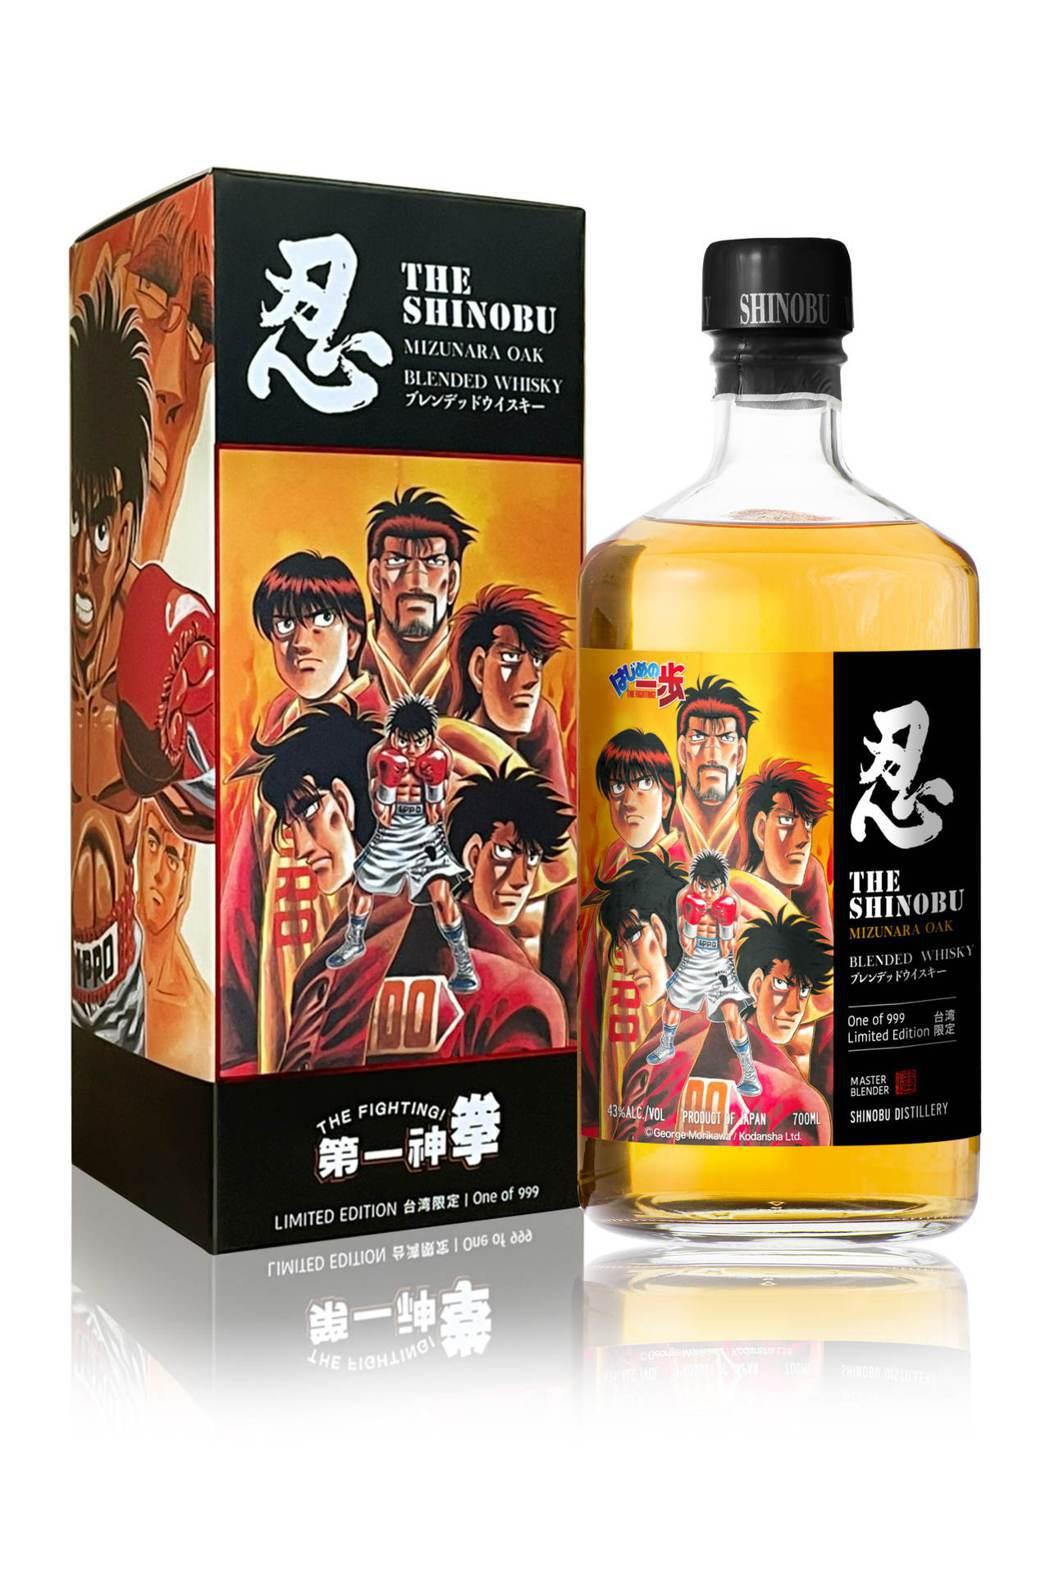 忍SHINOBU X《第一神拳》聯名威士忌第一彈,即日起7-11限量首賣,售價1...